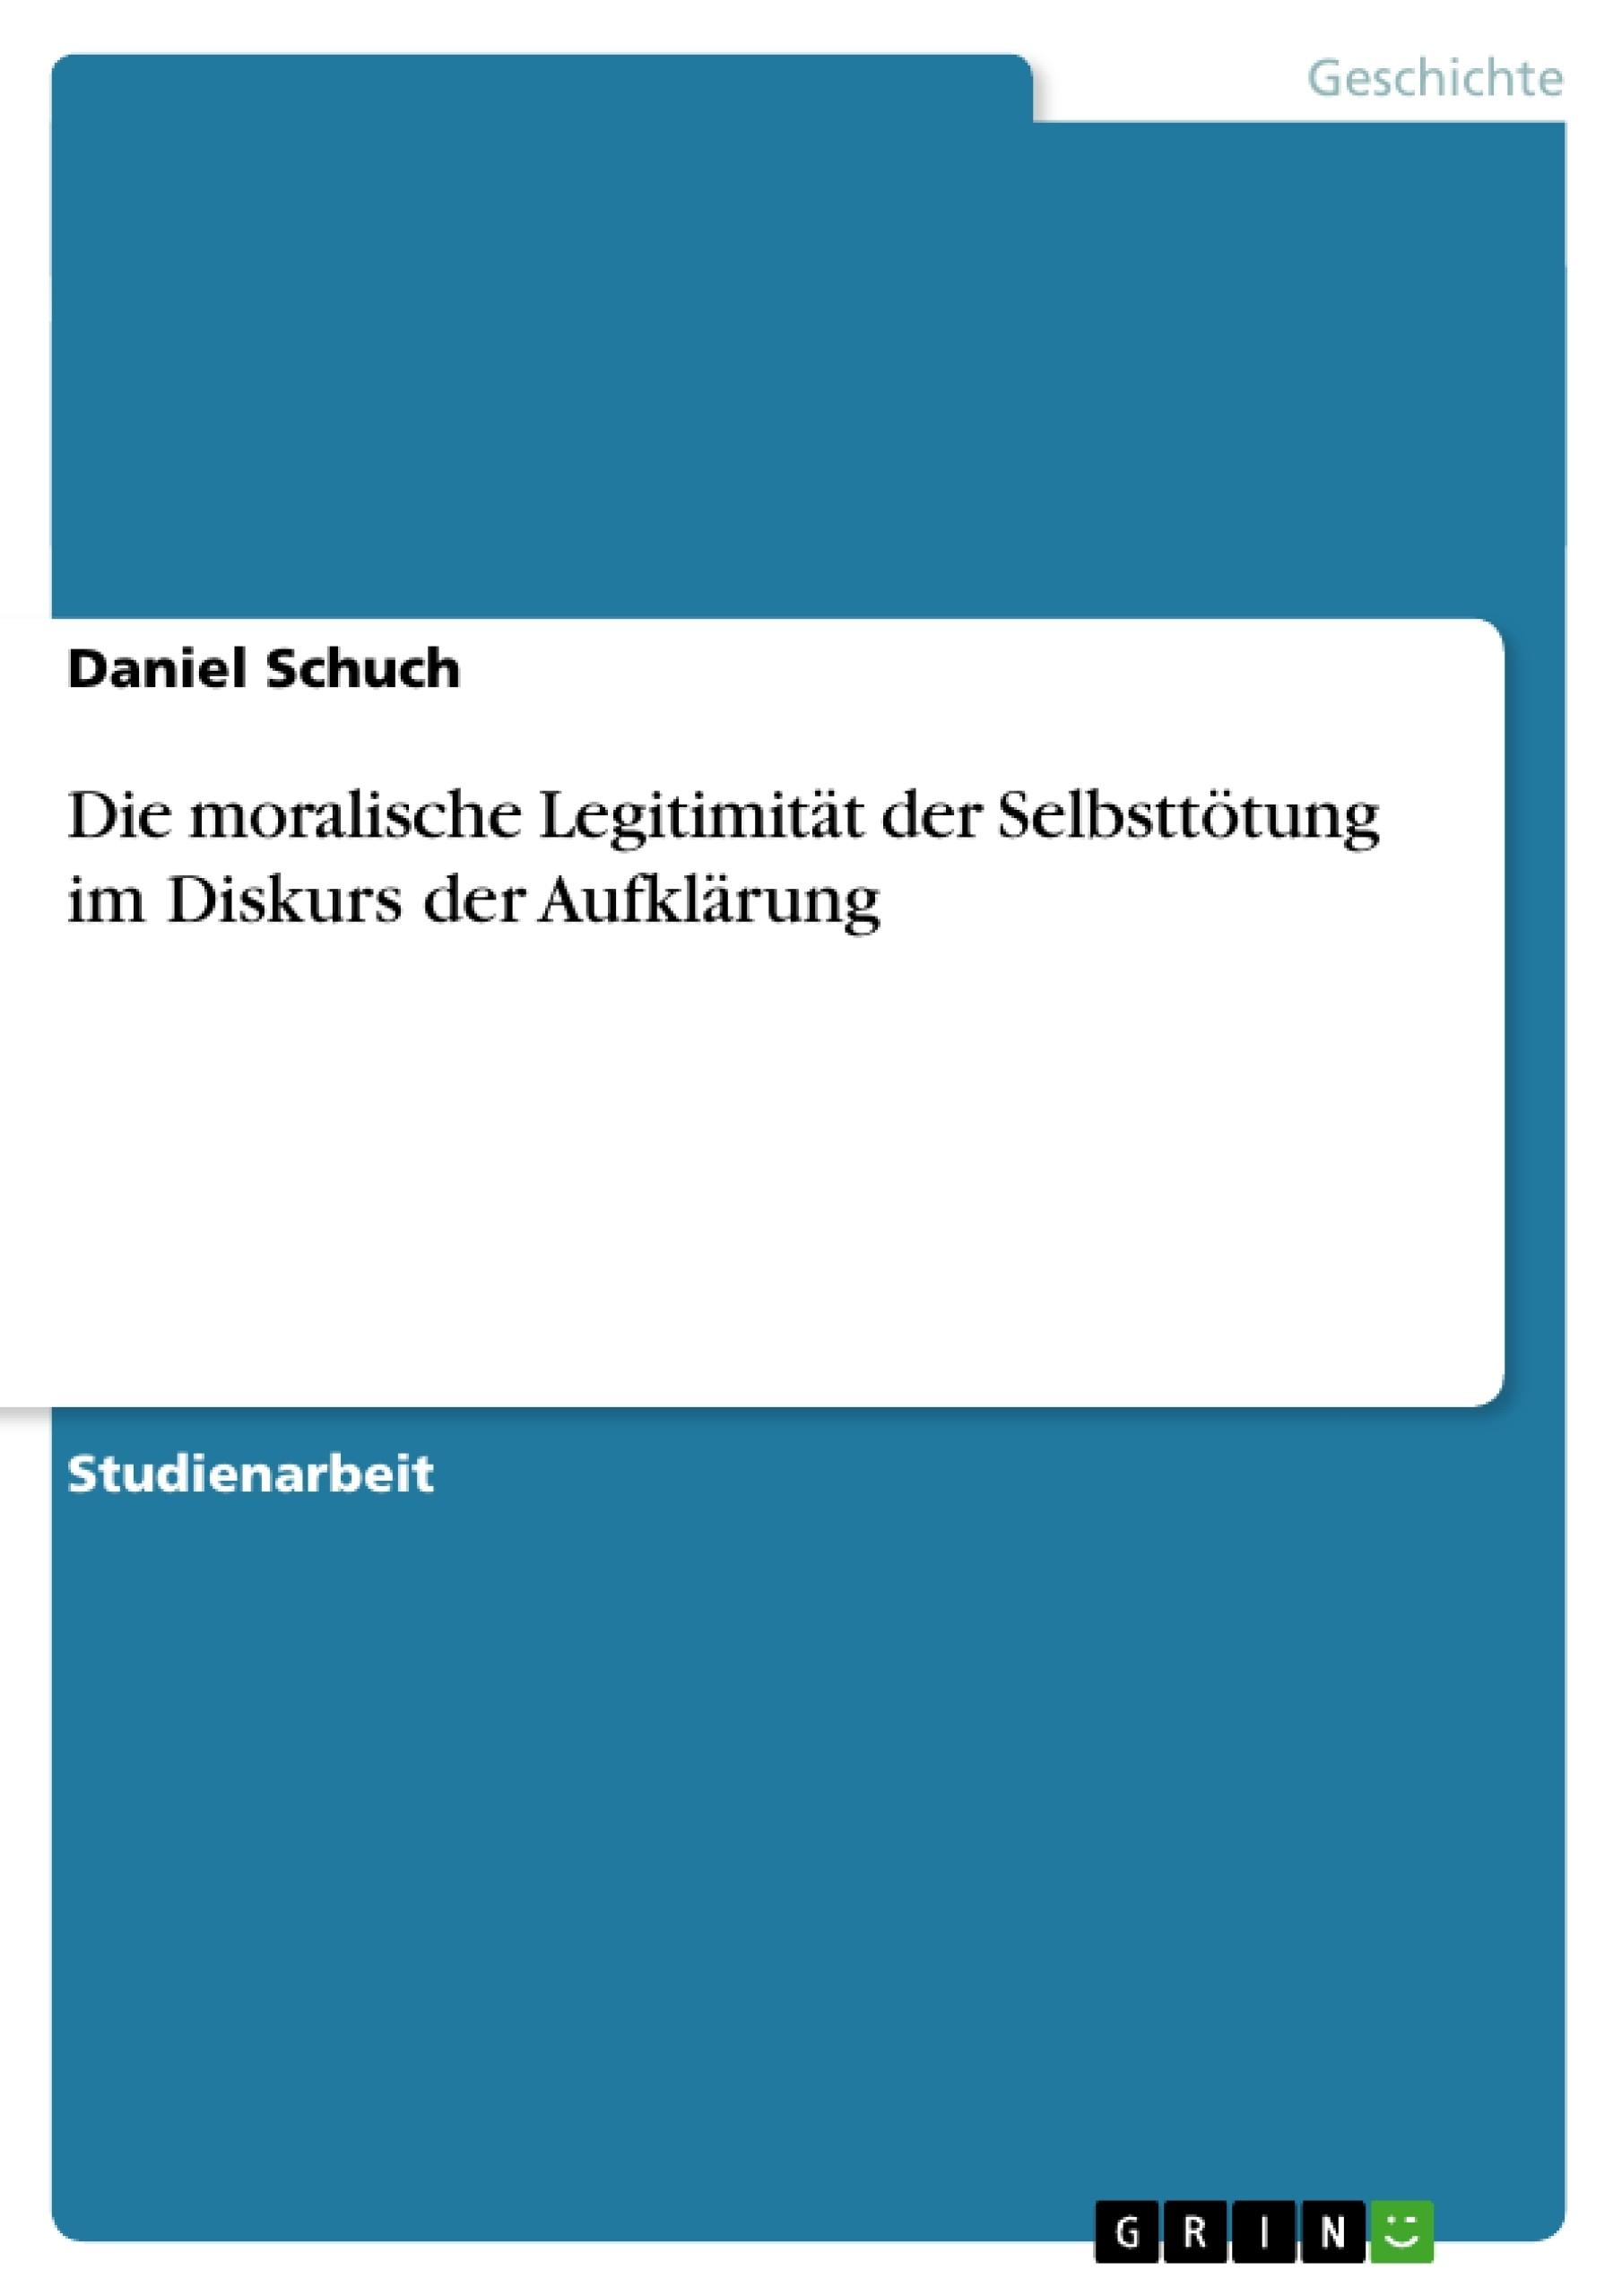 Titel: Die moralische Legitimität der Selbsttötung im Diskurs der Aufklärung